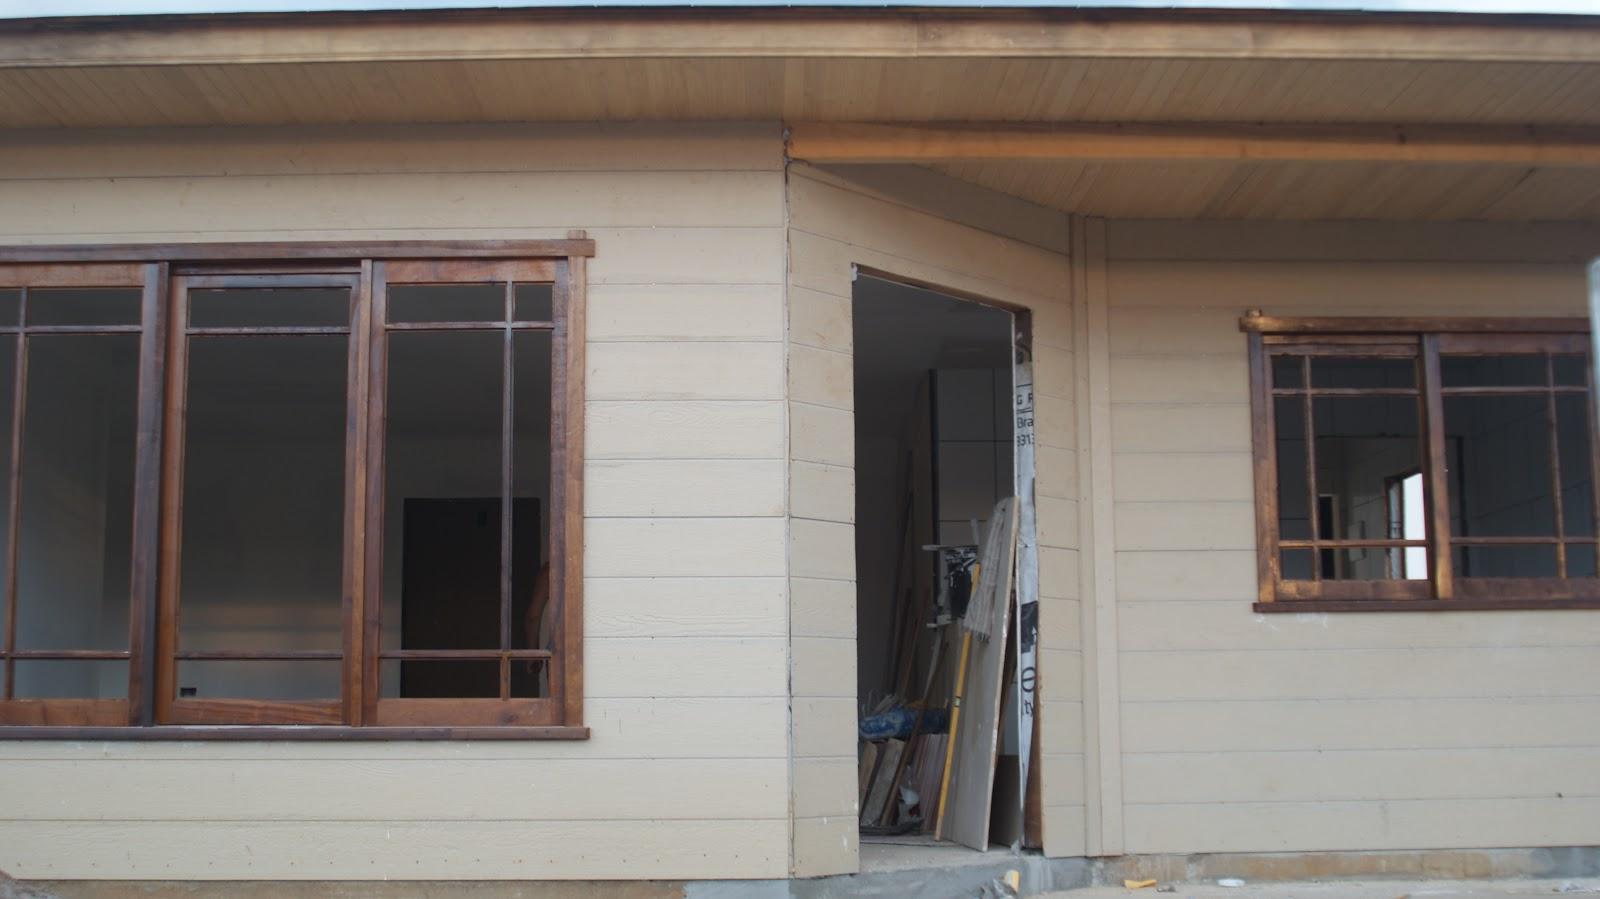 #755C49  da casa. note que tem os espelhos do telhado (serao da cor da janela 1868 Janela De Aluminio Que Abre Para Fora